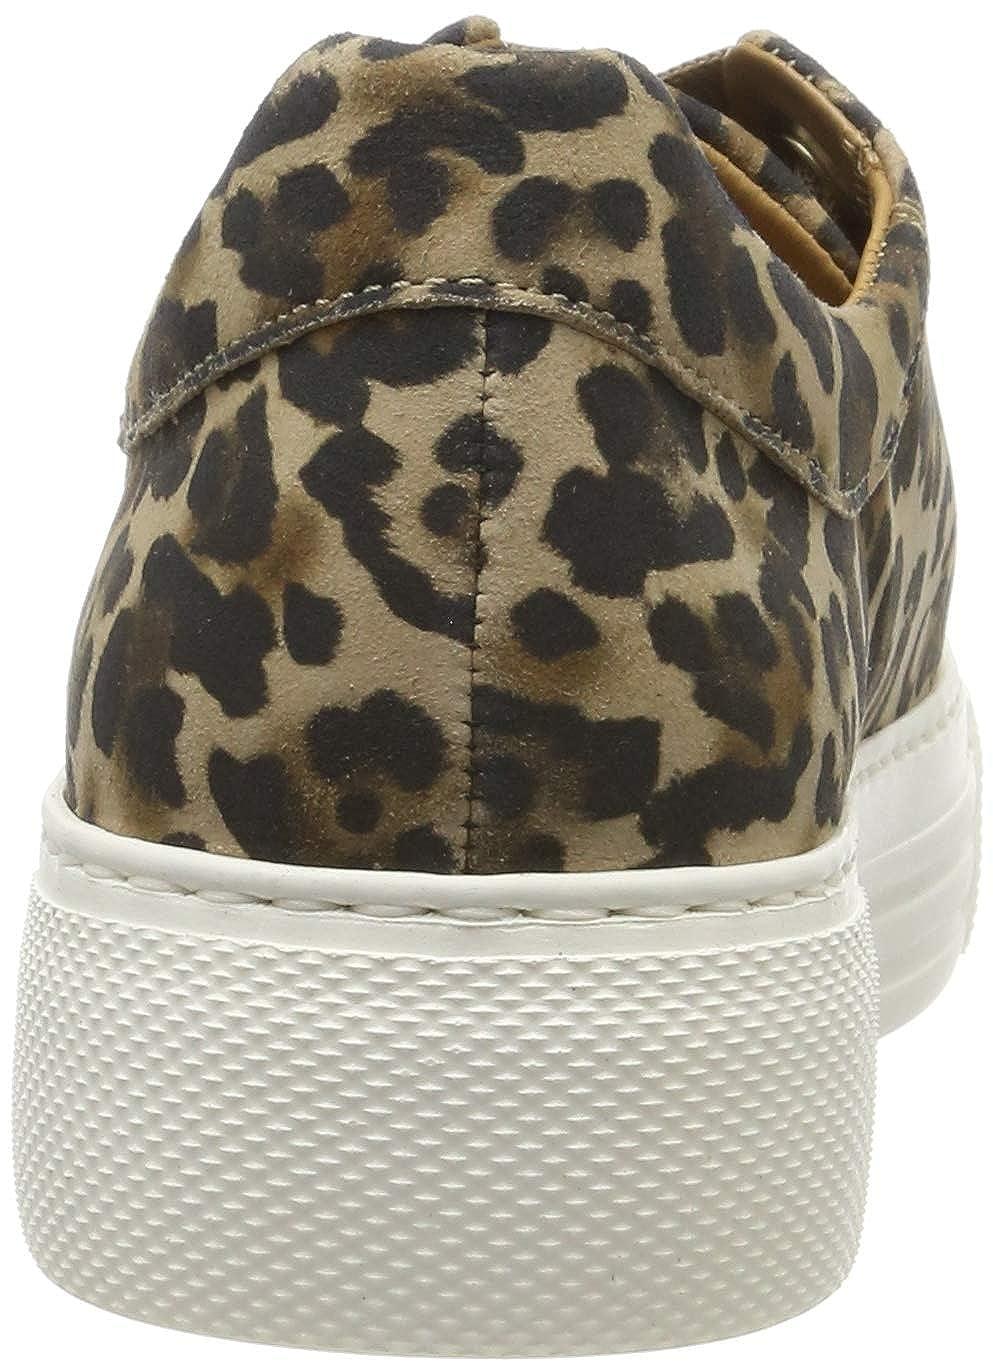 Gabor Womens Comfort Basic Low-Top Sneakers